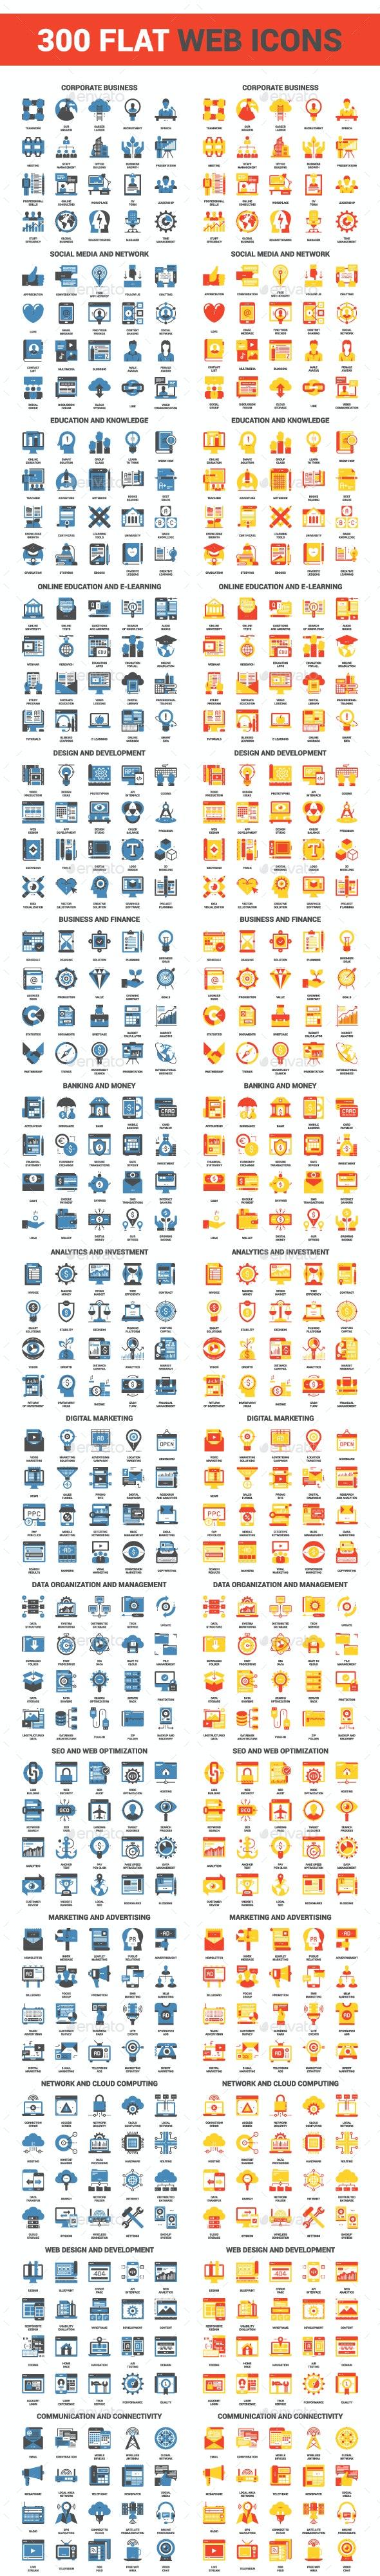 300 Flat Web Icons - Icons